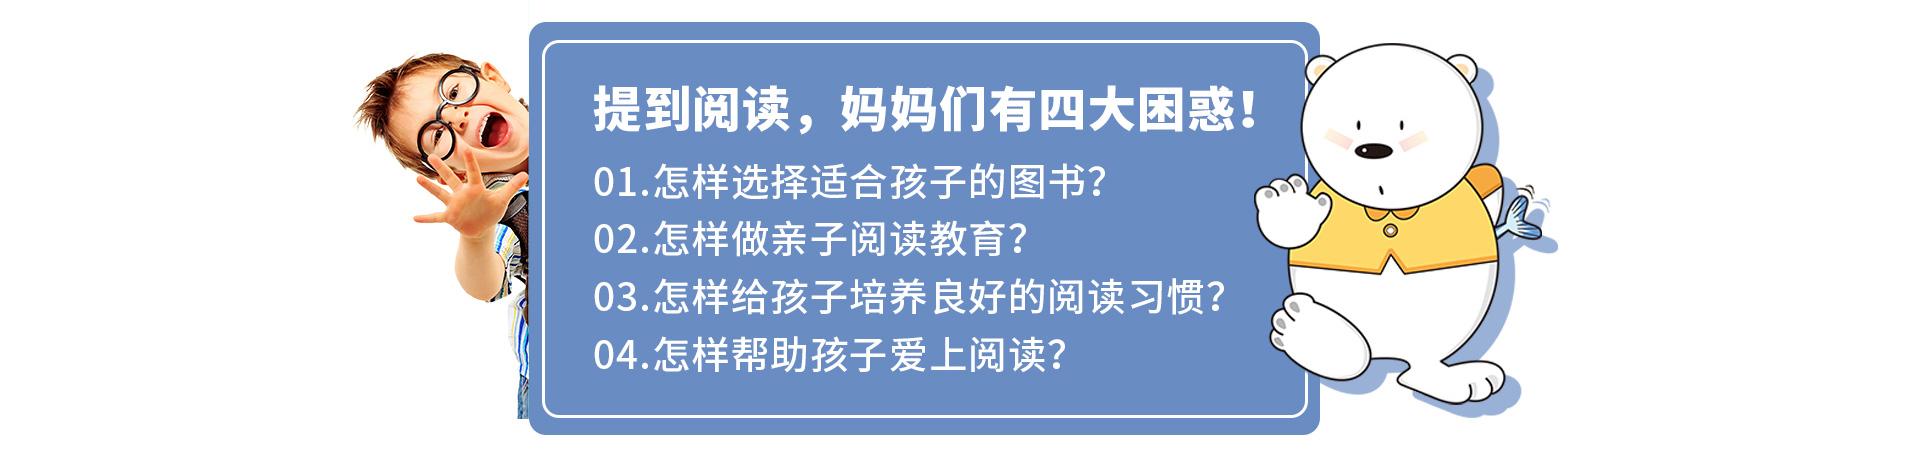 快乐书童阅读馆PC-快乐书童-许小琥_06